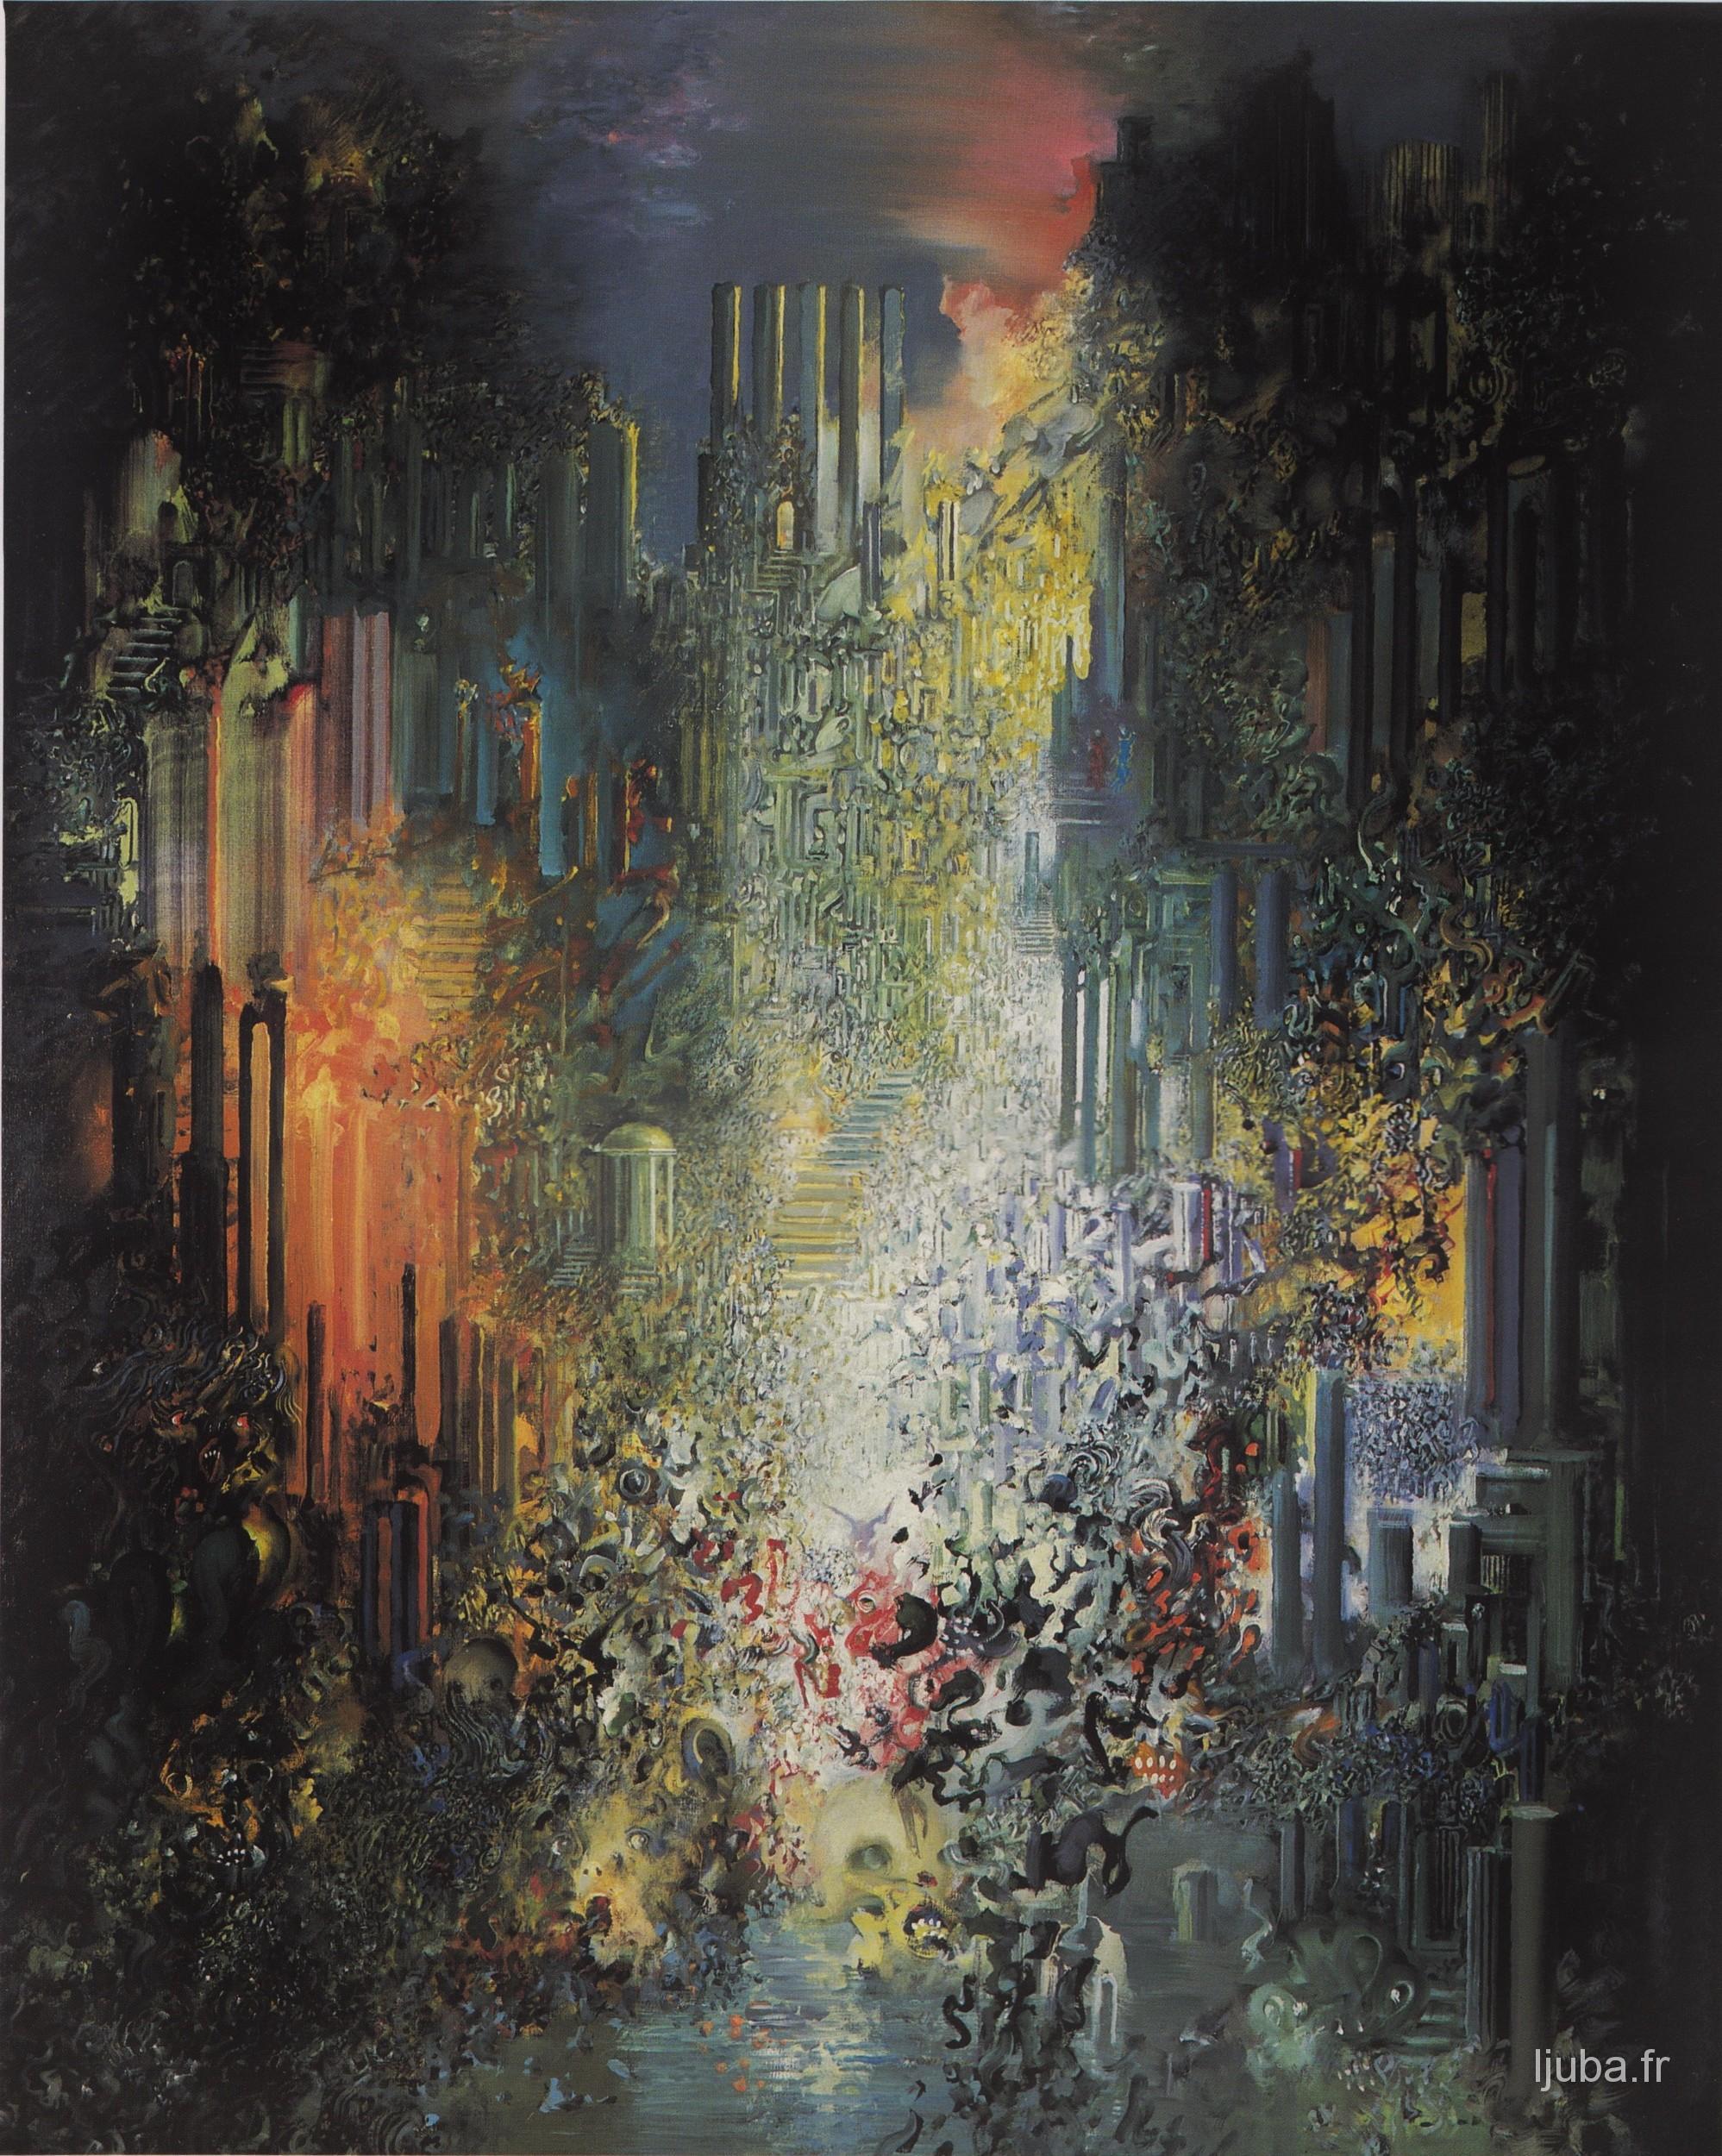 Ljuba Popovic - 1995, Le secret de la ruine dorée